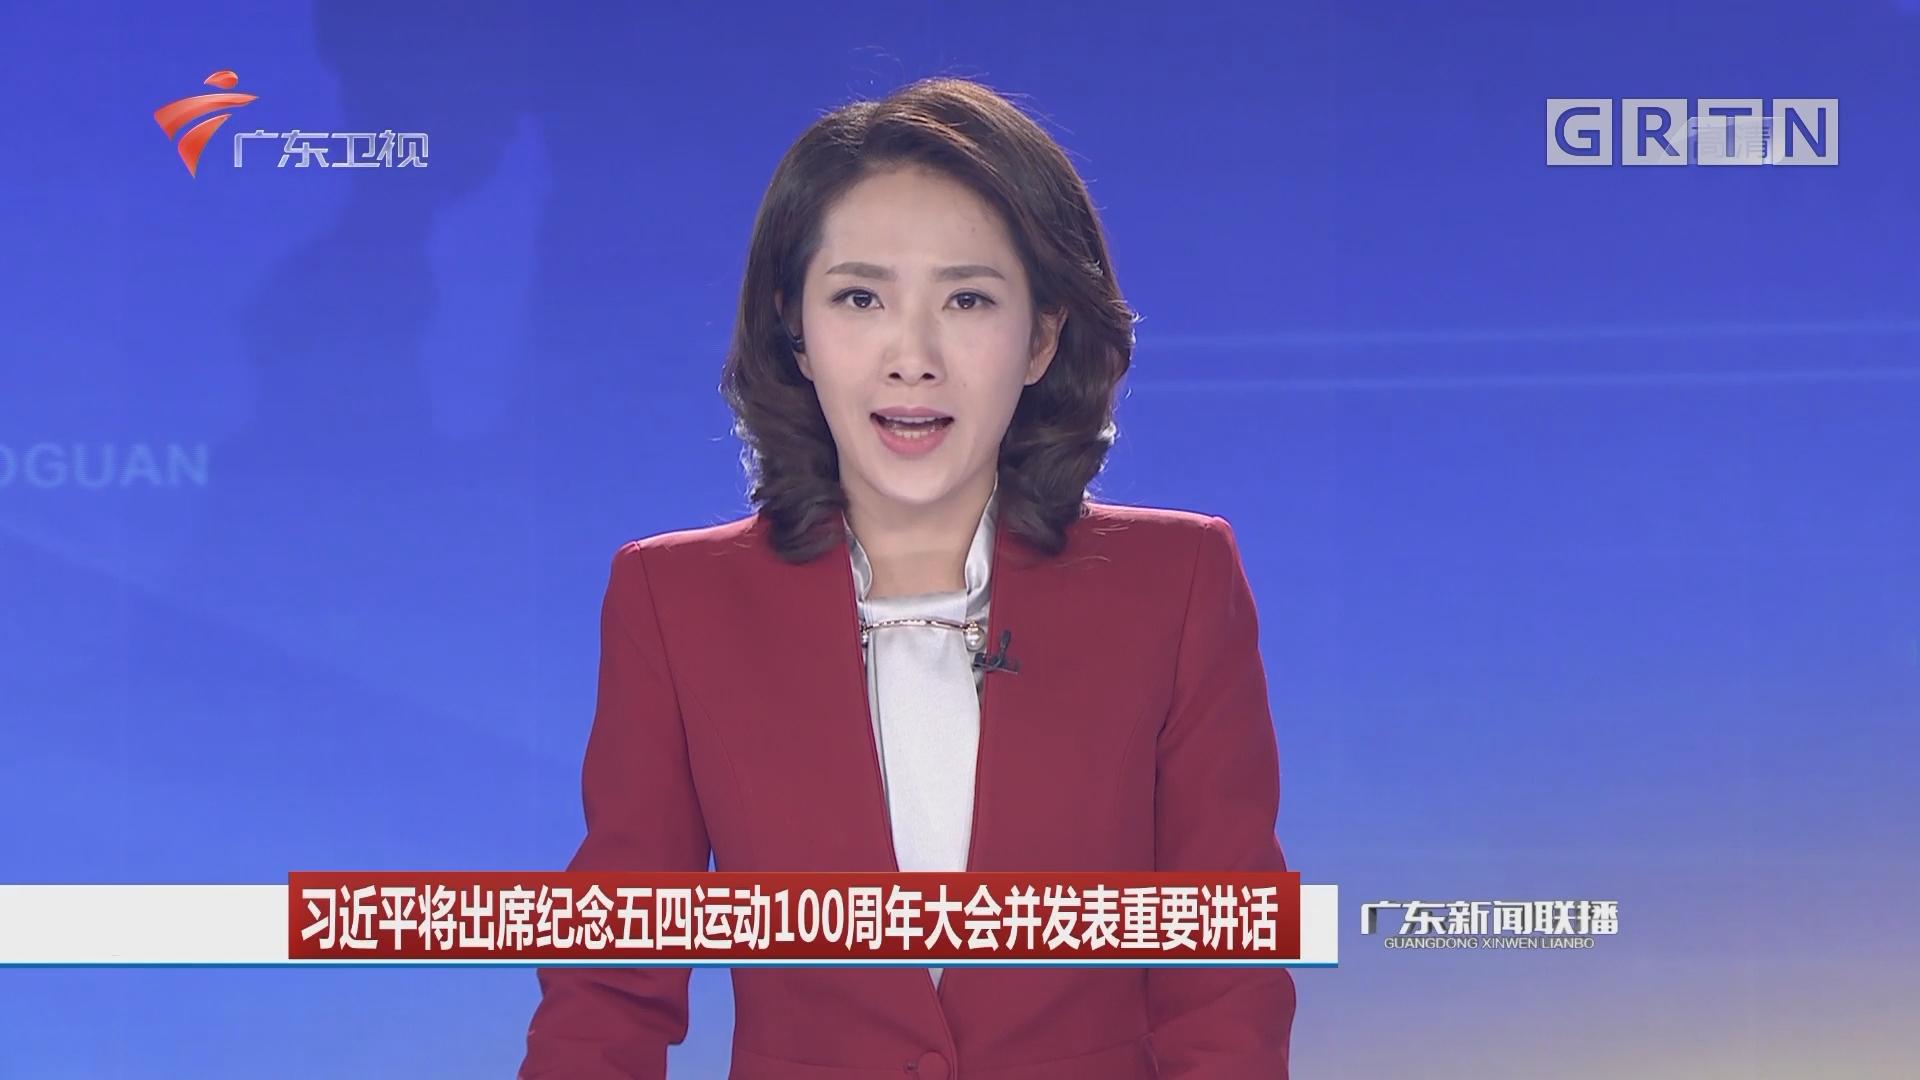 习近平将出席纪念五四运动100周年大会并发表重要讲话